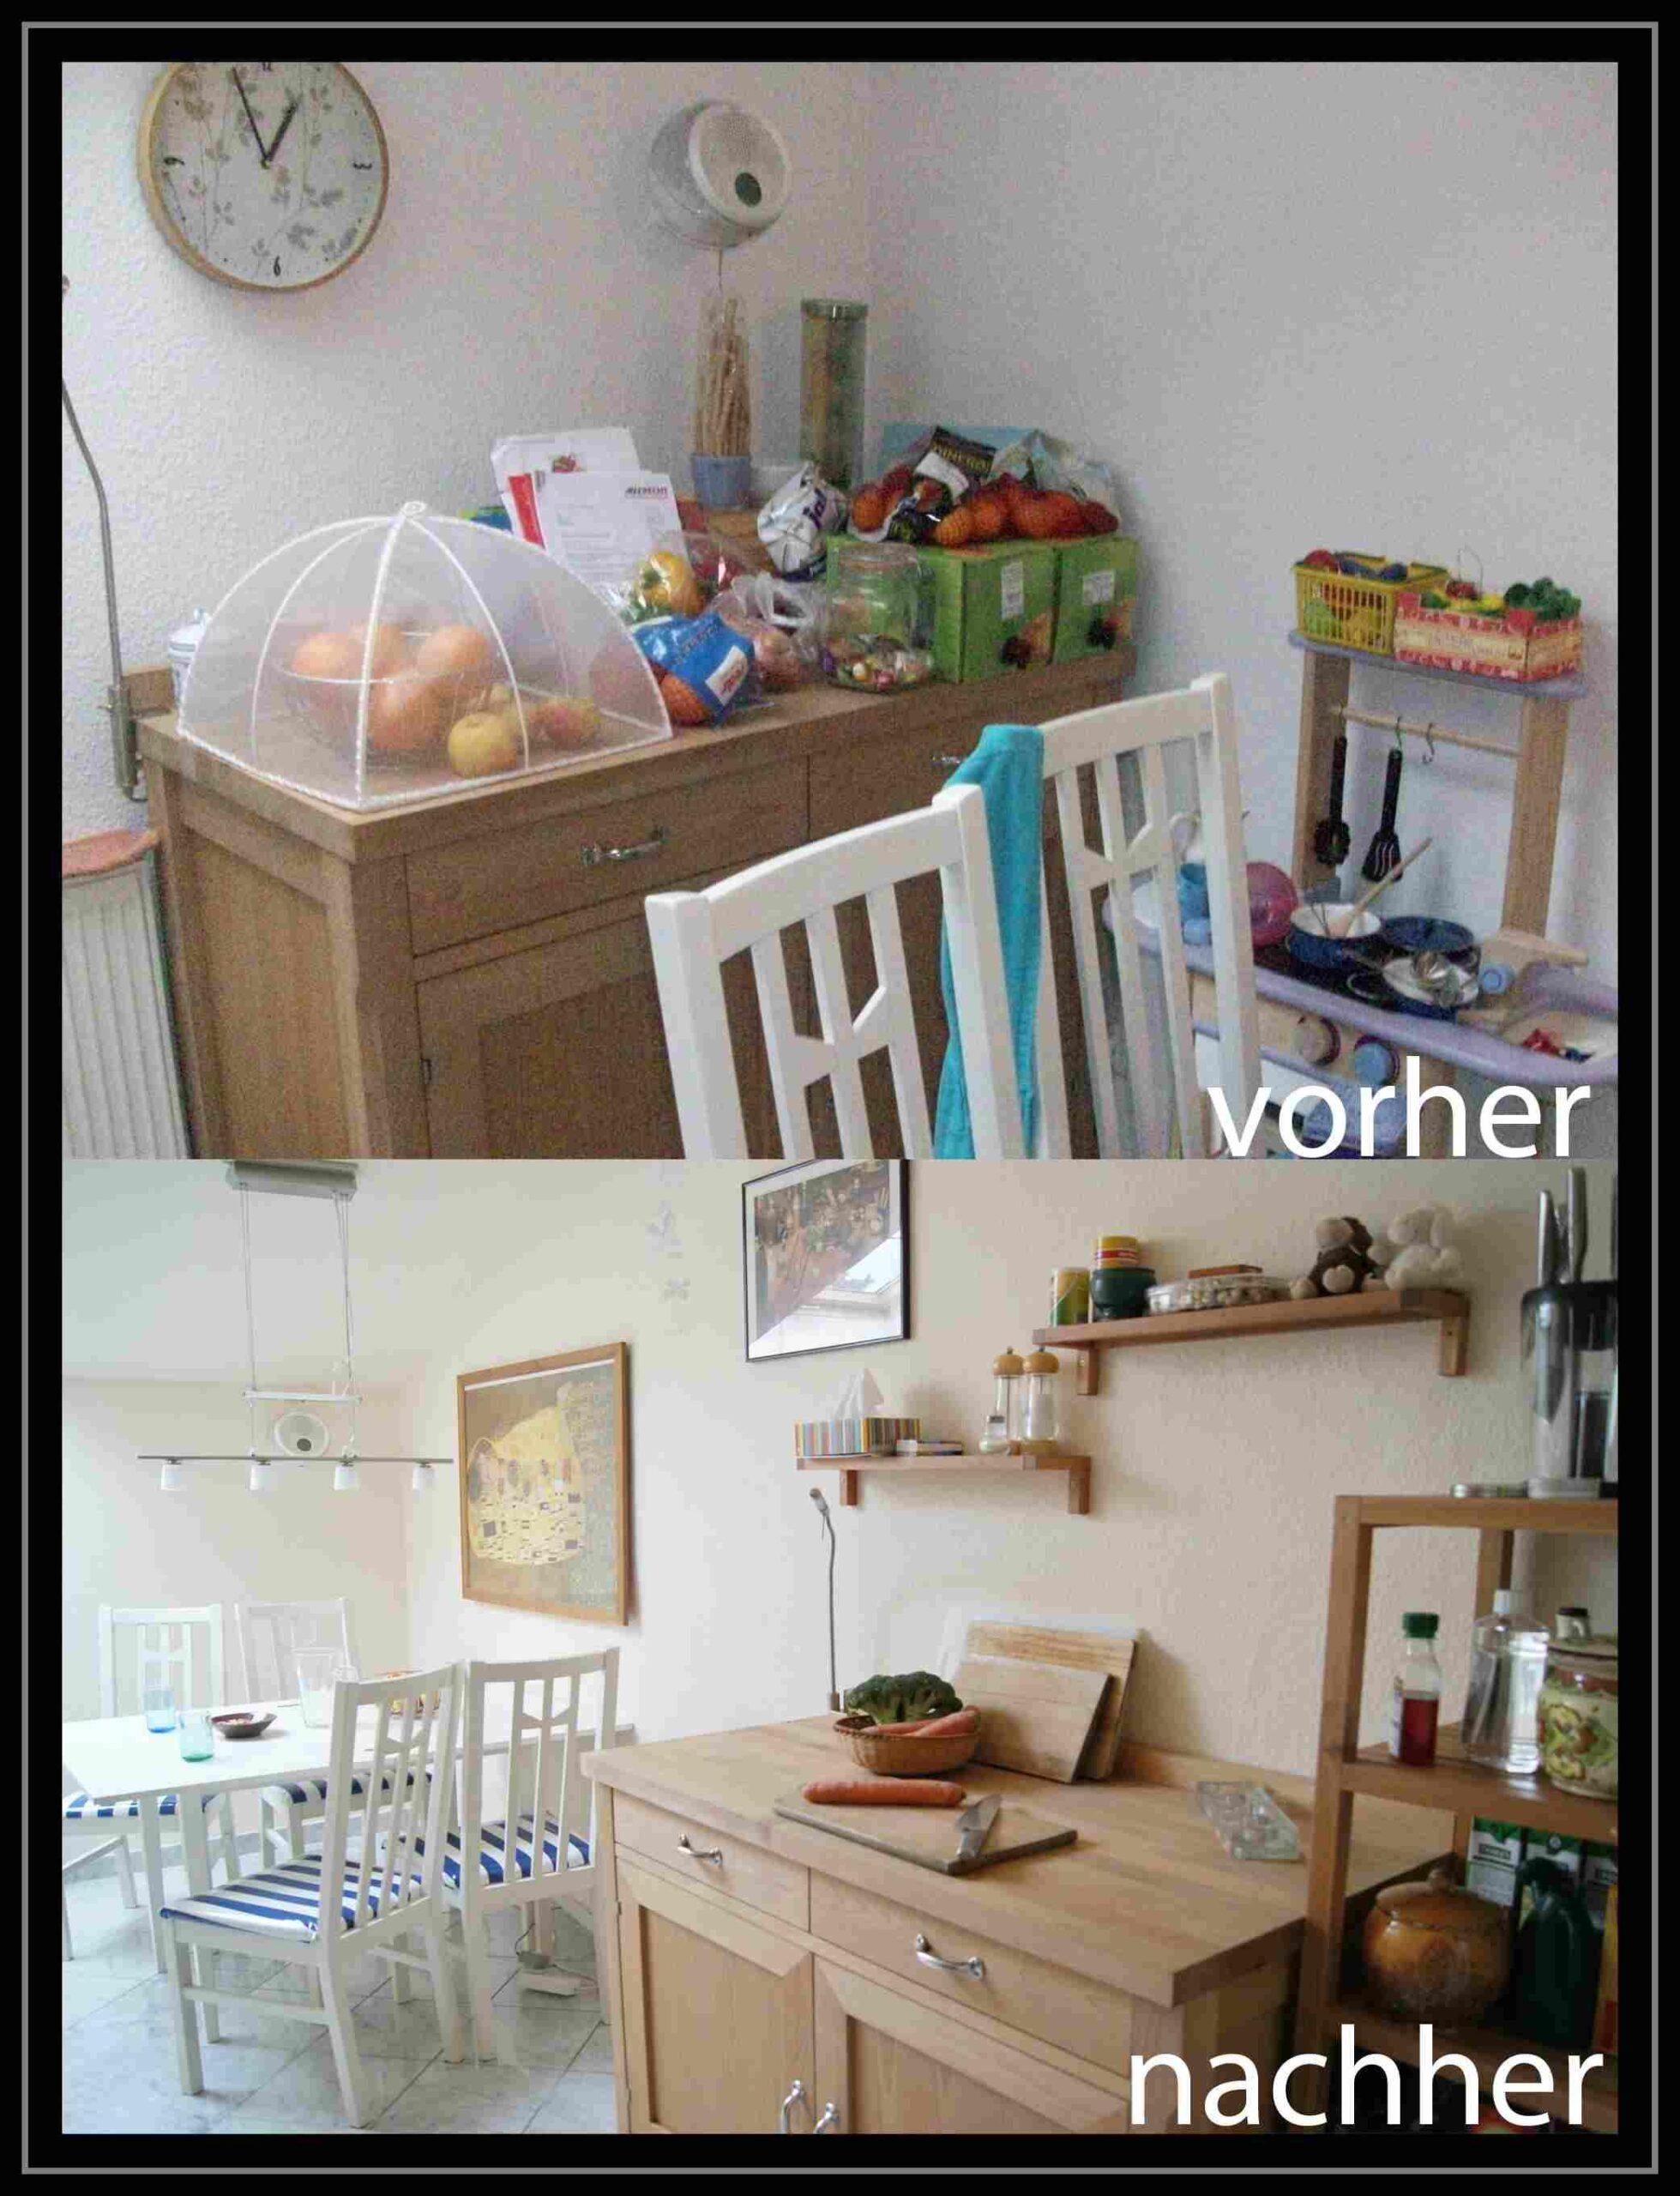 Full Size of Kchenablage Bilder Ideen Couch Behindertengerechte Küche Regal Tisch Kombination Sitzbank Miniküche Kleiner Landhaus Deckenleuchte Kaufen Ikea Granitplatten Wohnzimmer Ablage Regal Küche